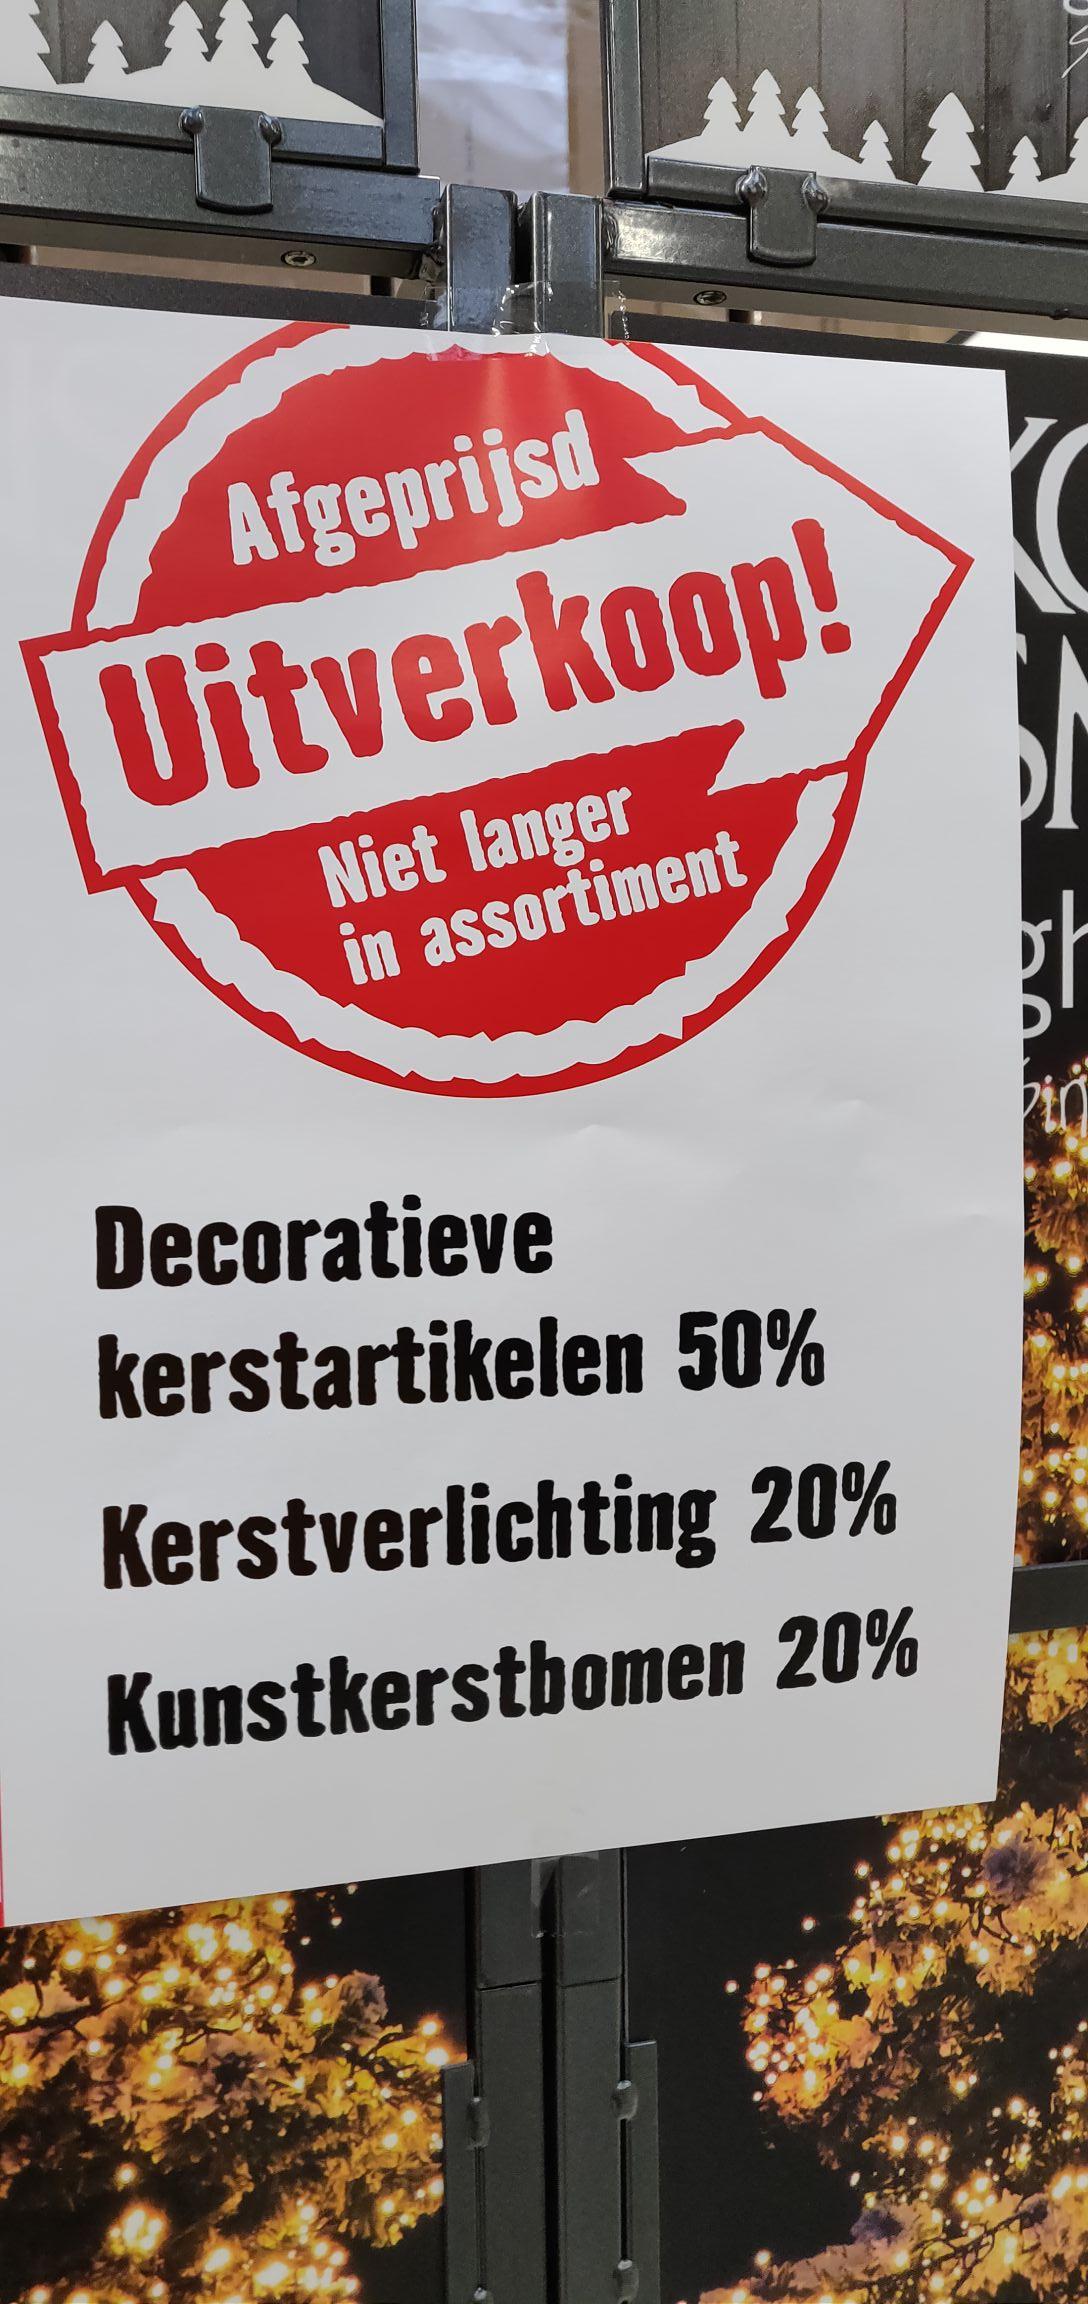 Kerstdecoratie 50% korting @Hornbach Den Haag